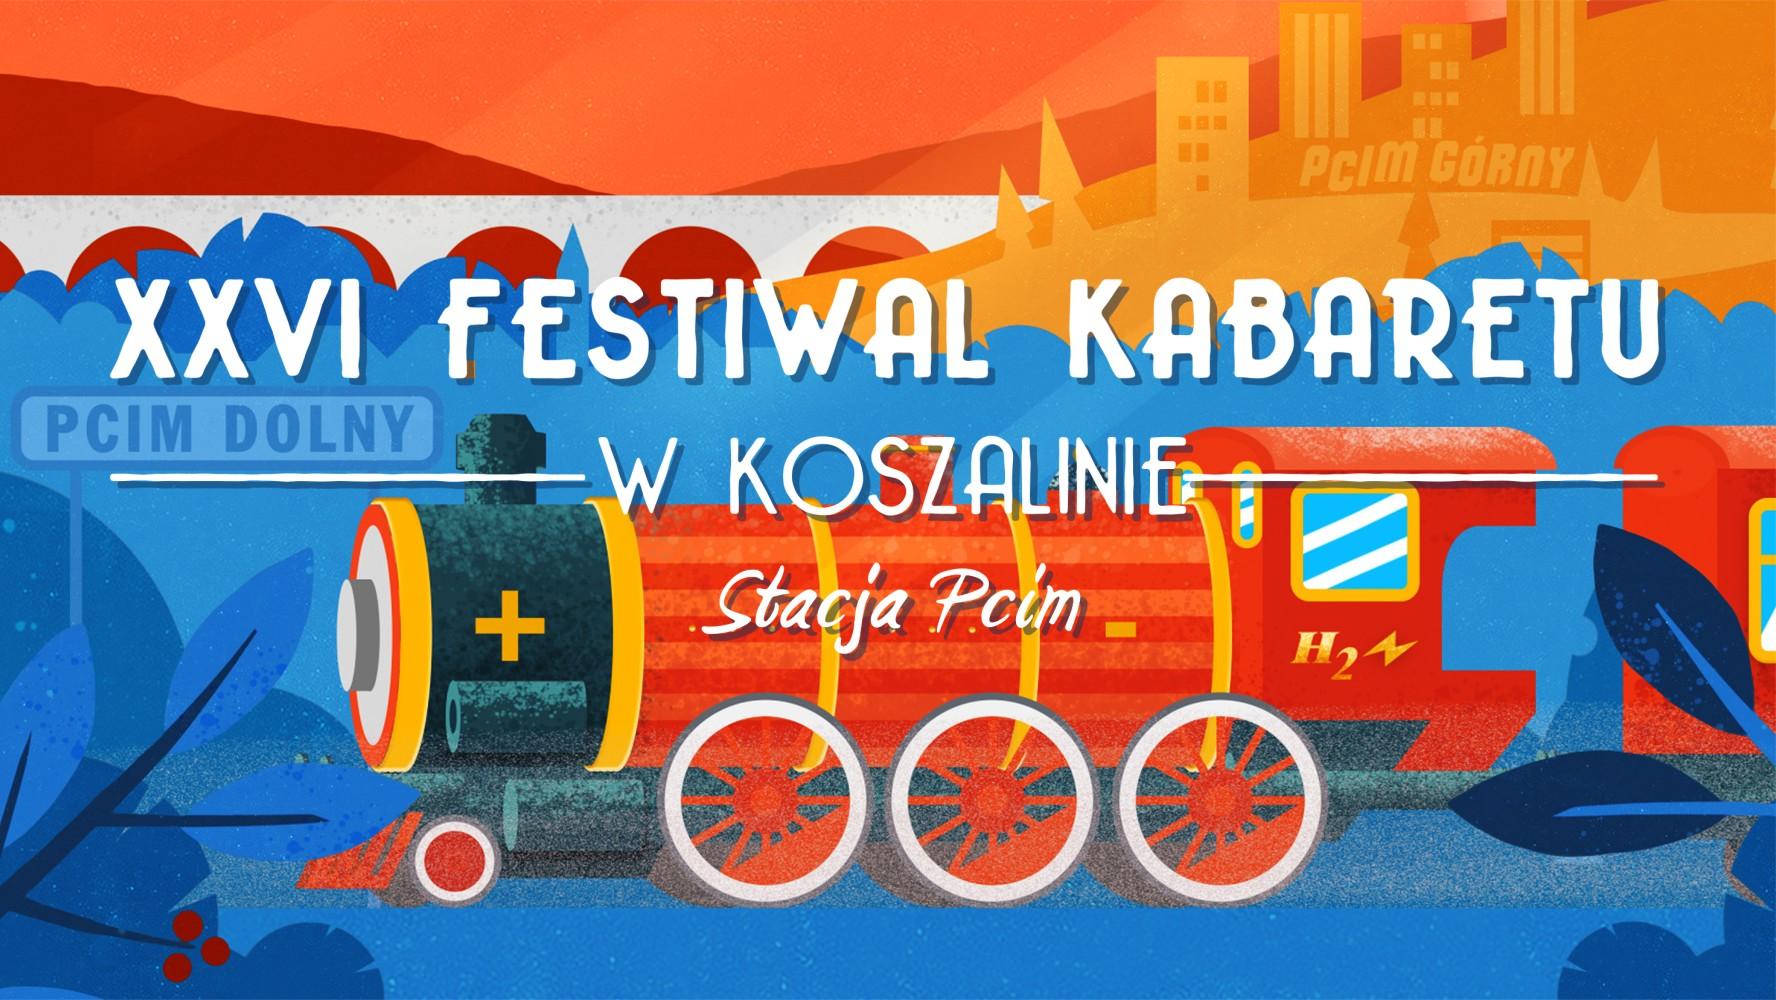 Festiwal Kabaretu Koszalin 2021: Stacja Pcim. Jest rozkład!